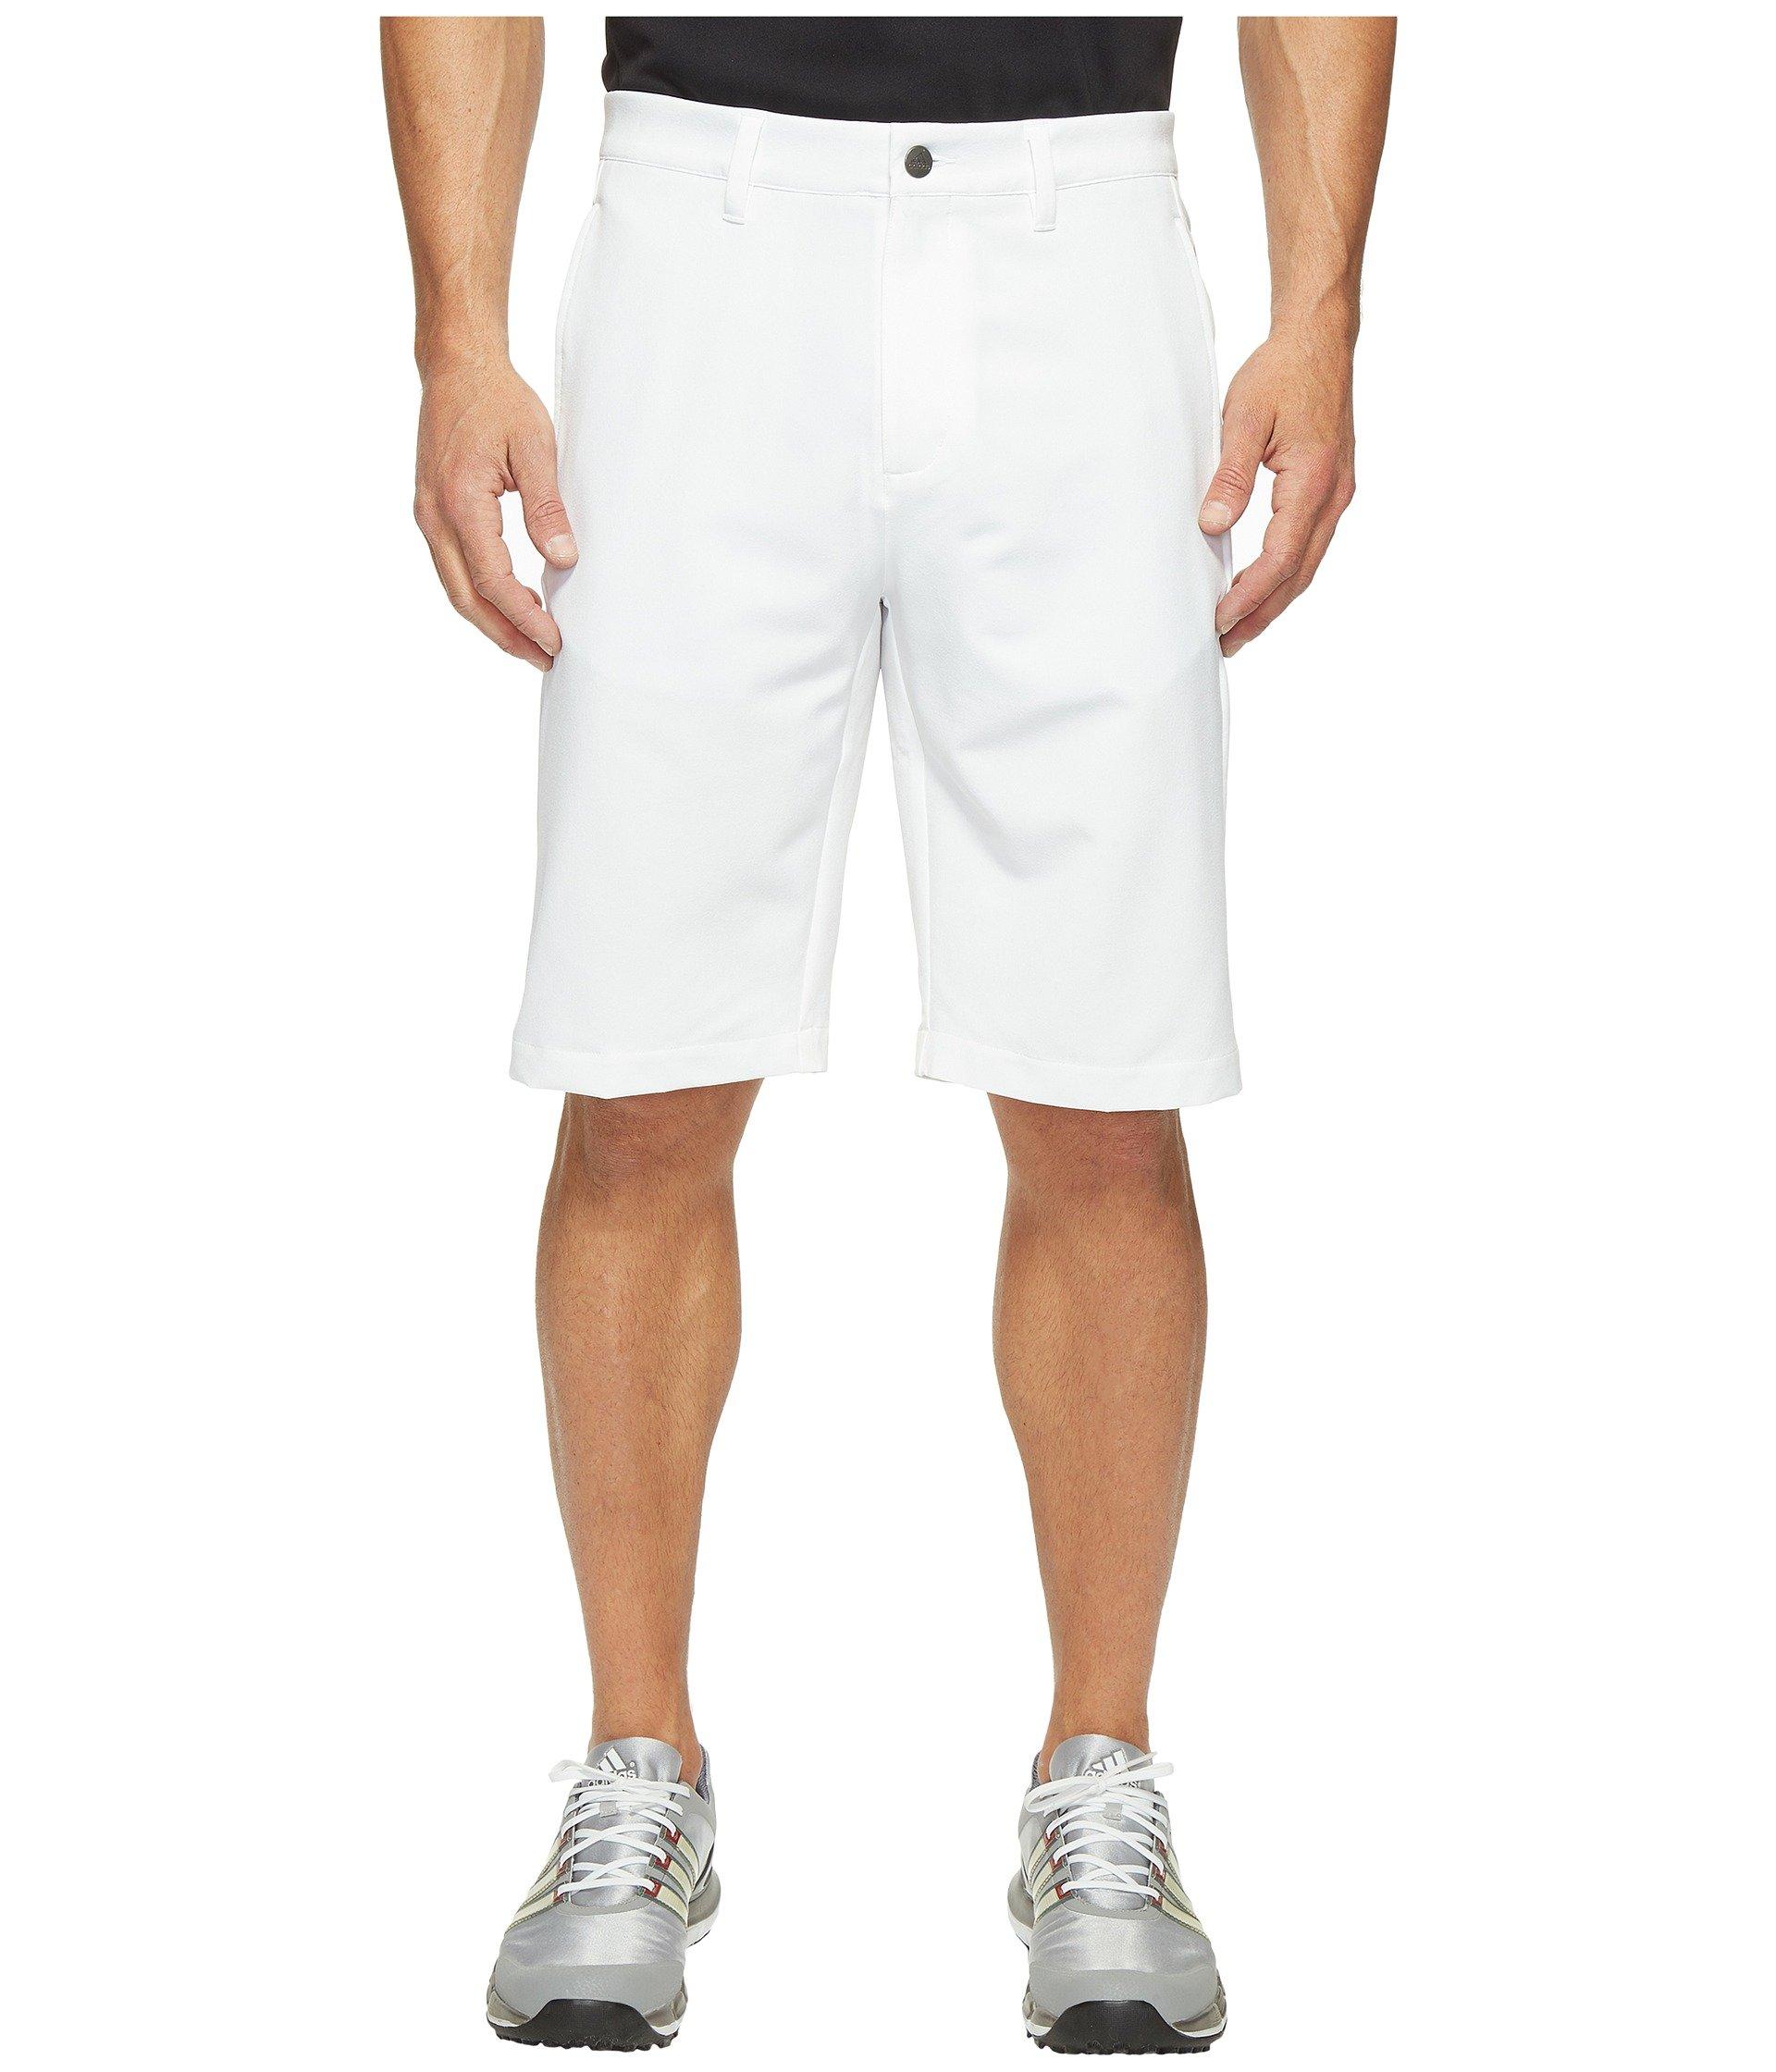 52cbd0188f990c Men s adidas Golf Shorts + FREE SHIPPING